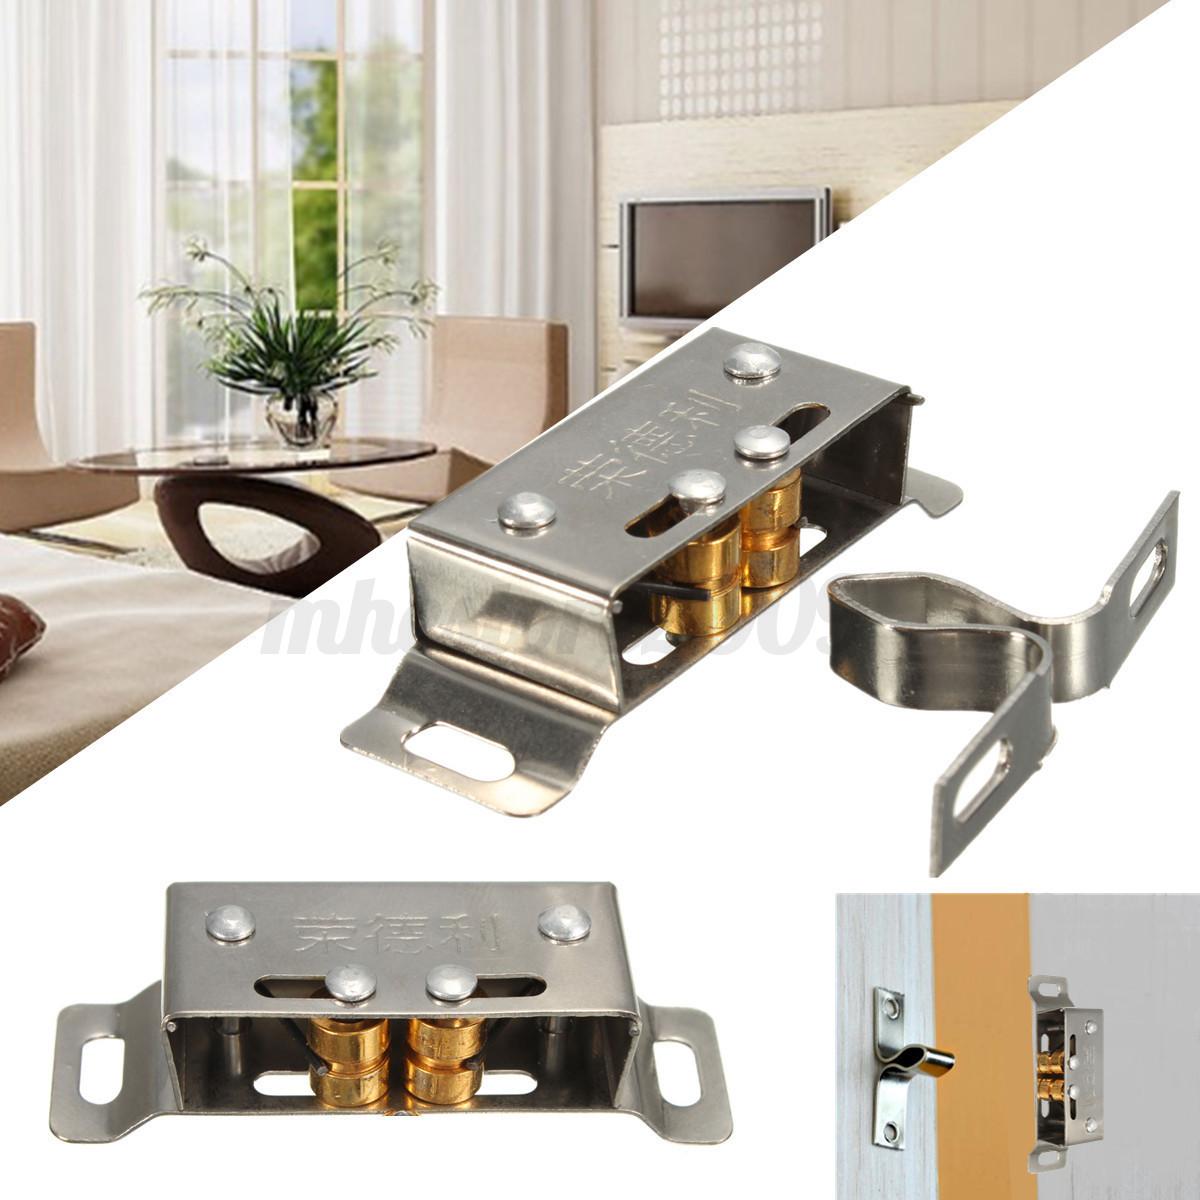 Kitchen Cabinet Door Lock: Steel Catch Suck Touch Beads Spring Cupboard Cabinet